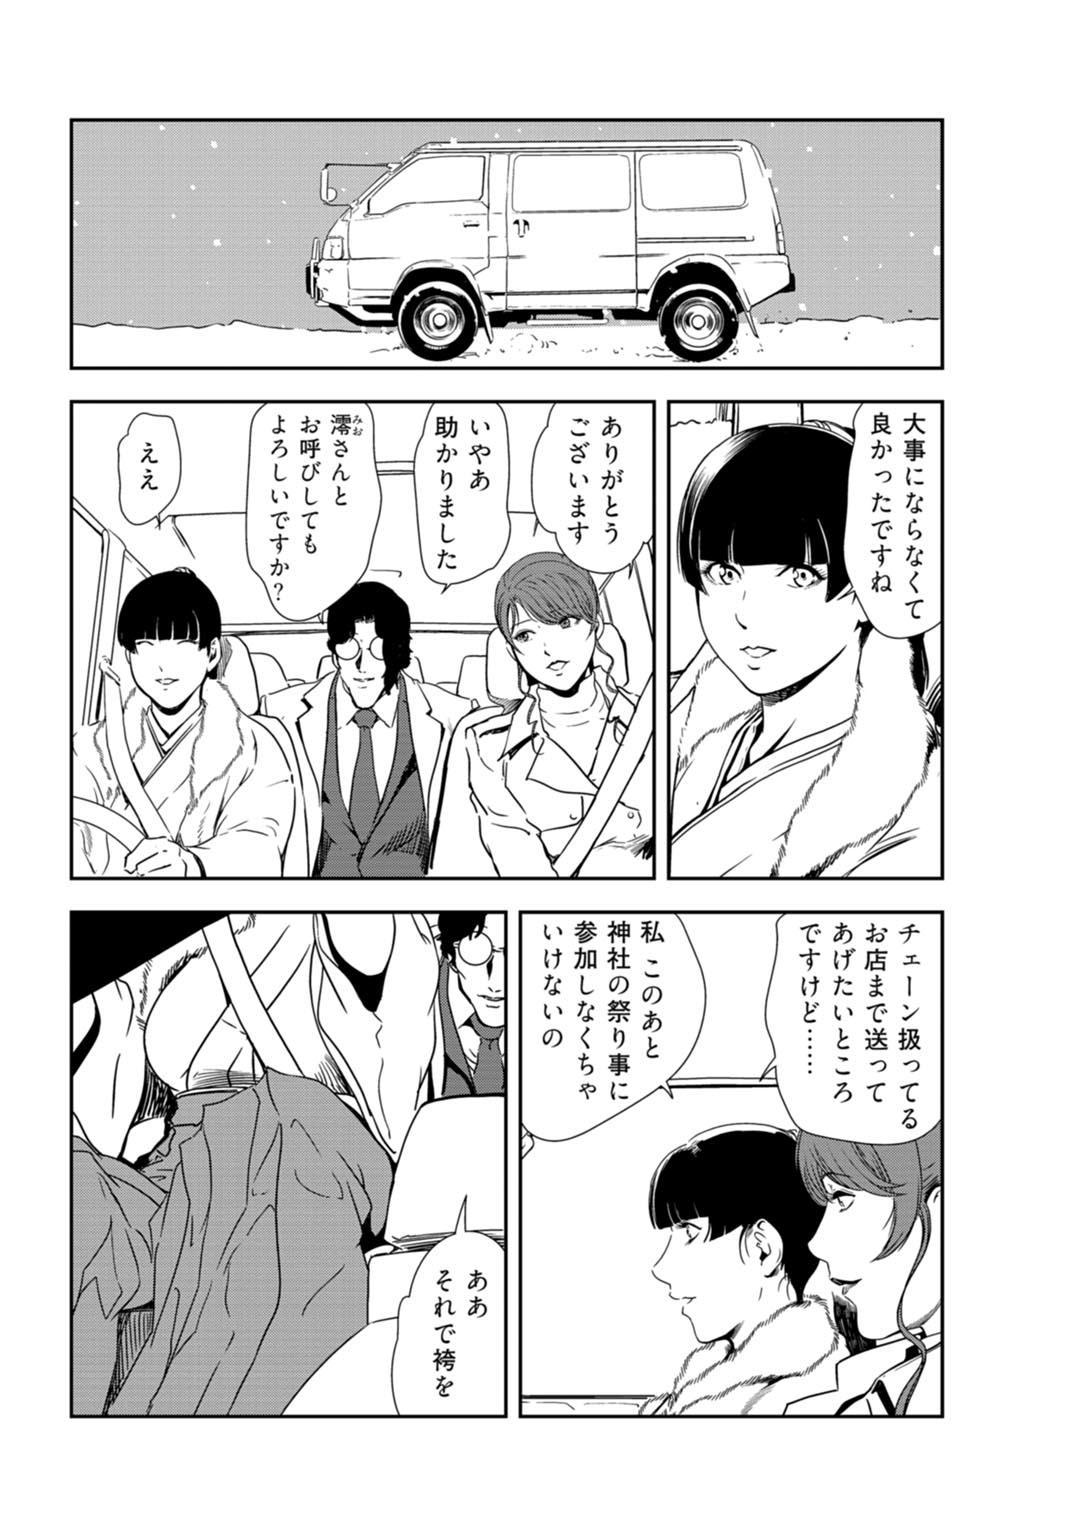 Nikuhisyo Yukiko 33 4